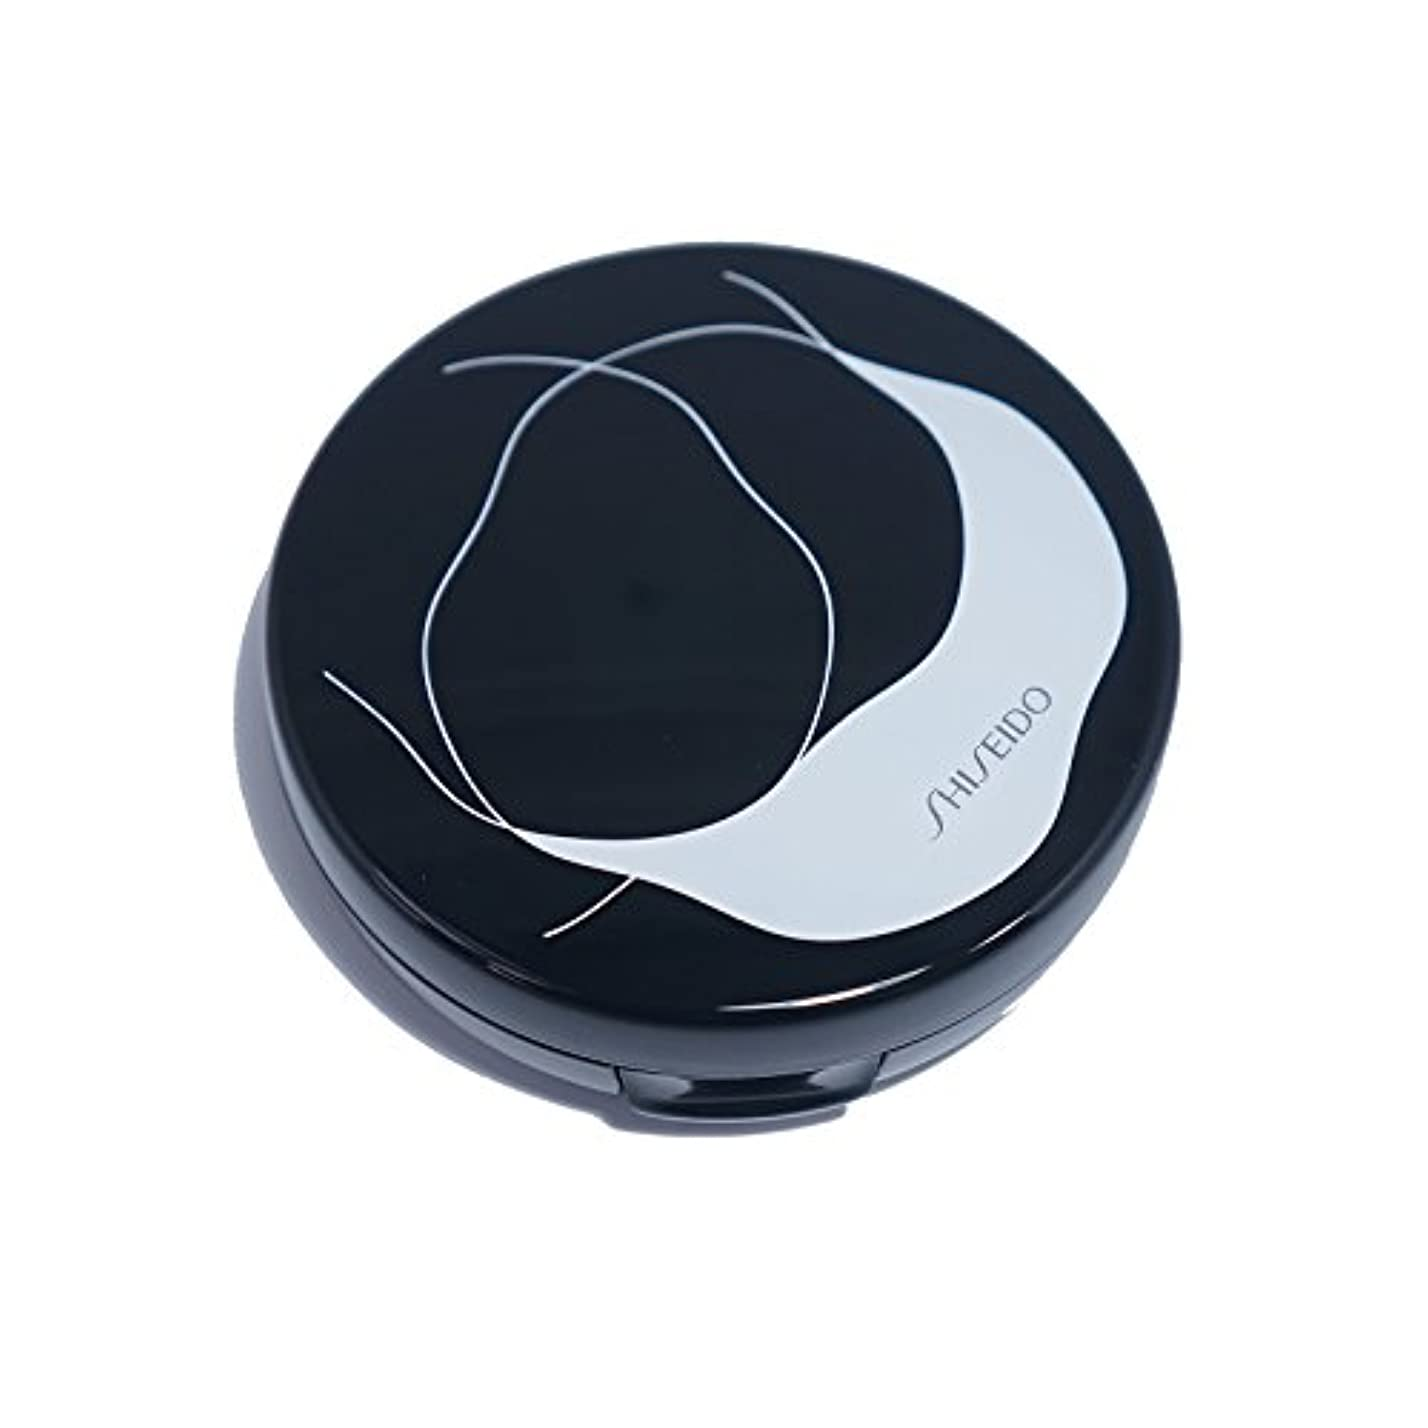 横たわる観察勃起SHISEIDO 資生堂 シンクロスキン グロー クッションコンパクト オークル10 レフィル&ケースのセット 国内正規品